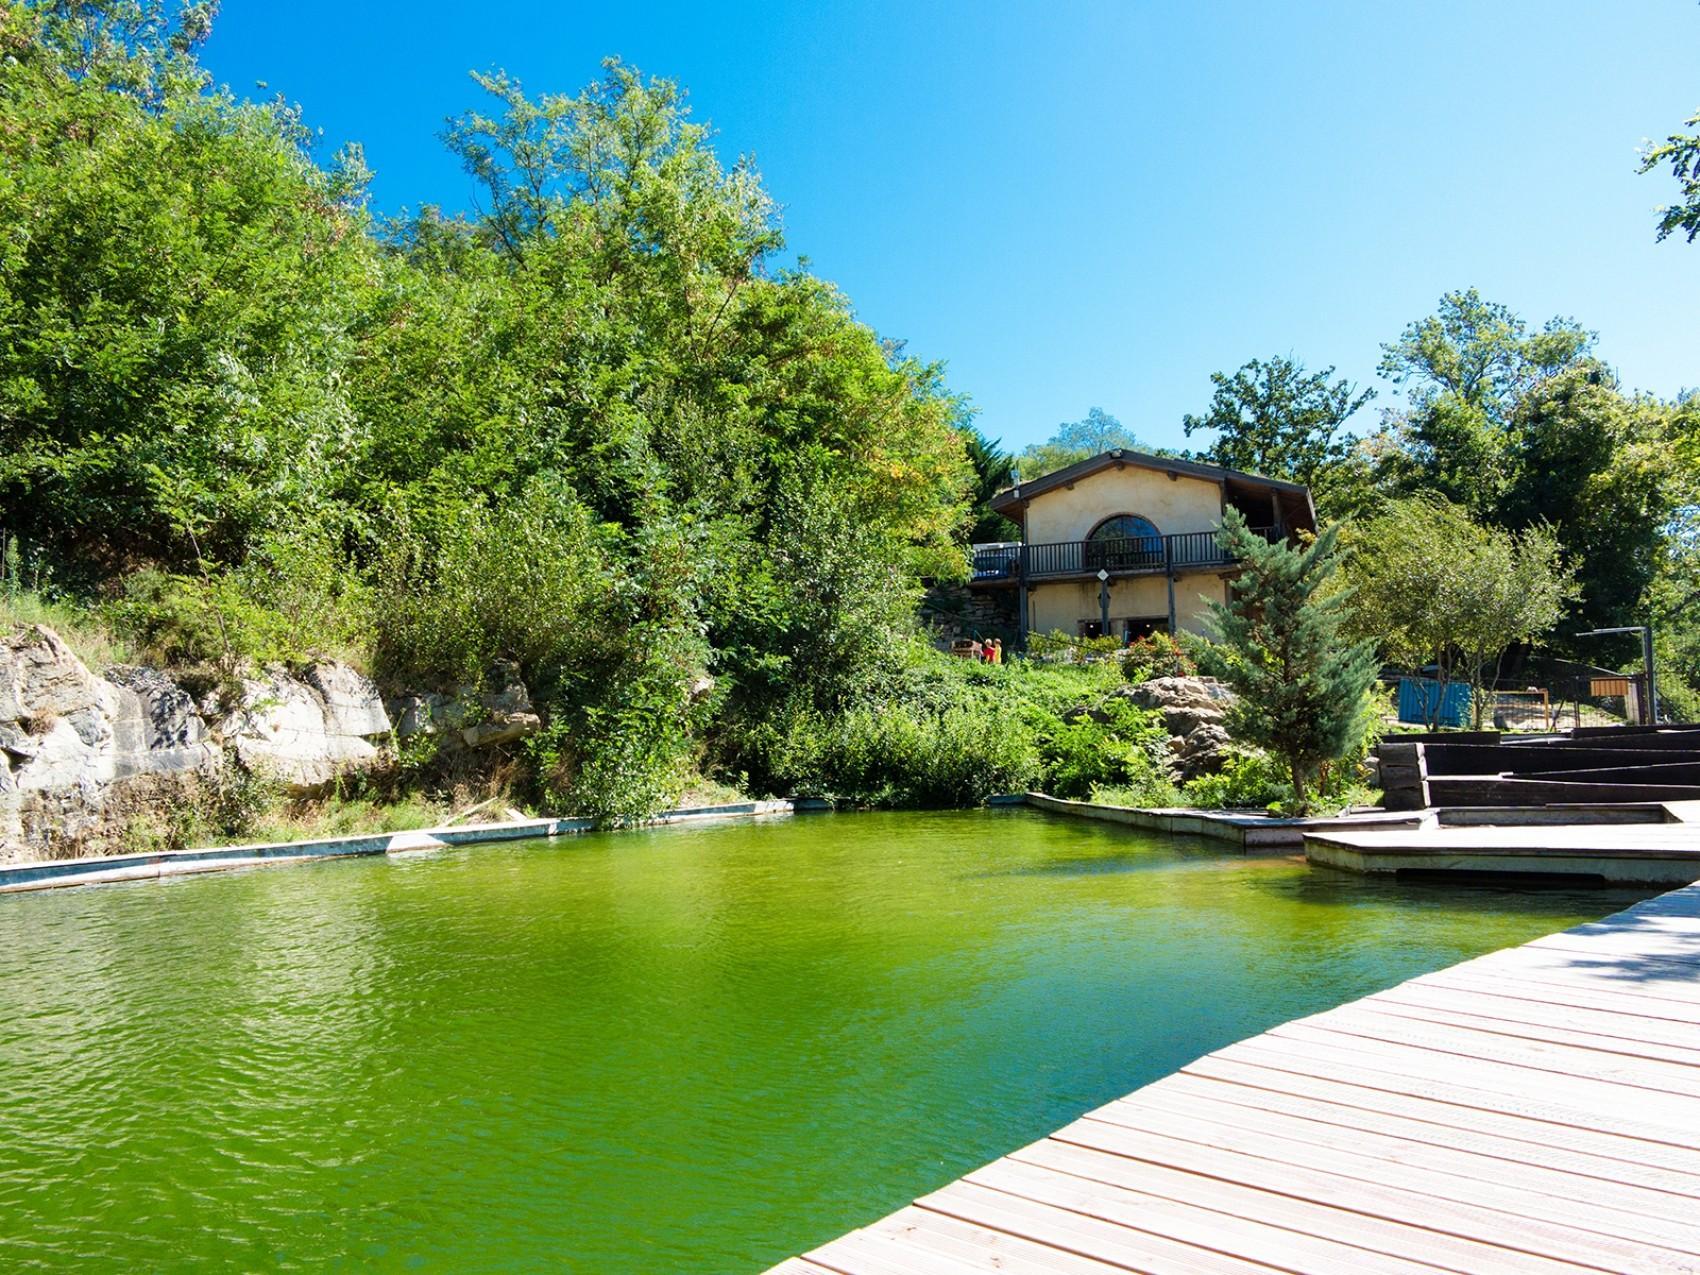 Camping carcassonne avec piscine languedoc roussillon le bout du monde - Camping carcassonne avec piscine ...